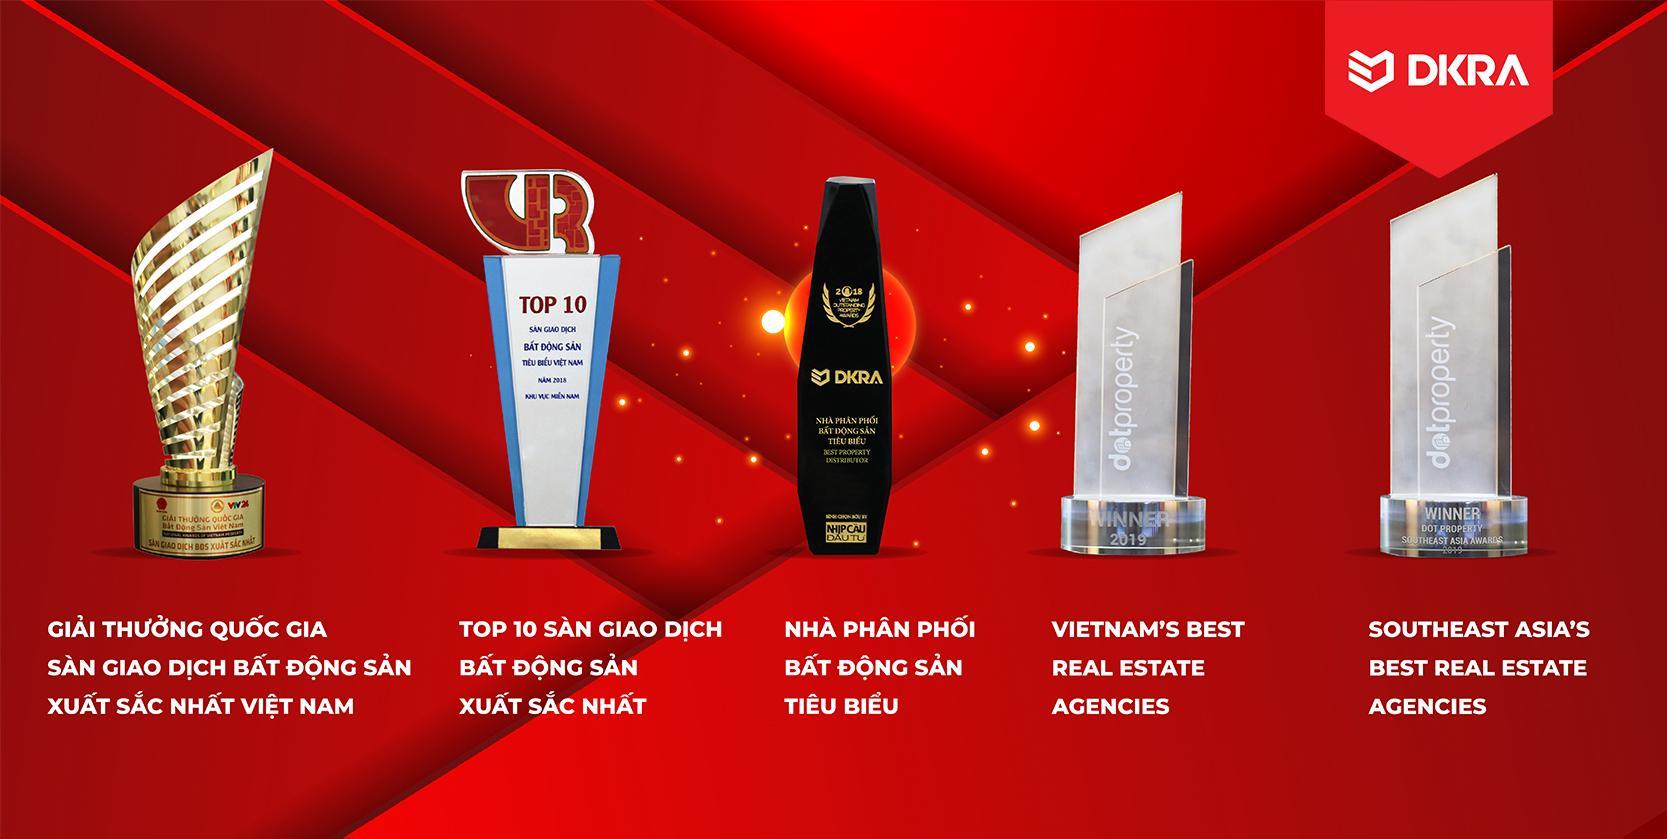 """DKRA Vietnam giữ vững danh hiệu """"Nhà Phân Phối BĐS Tiêu Biểu"""" 3 năm liên tiếp"""